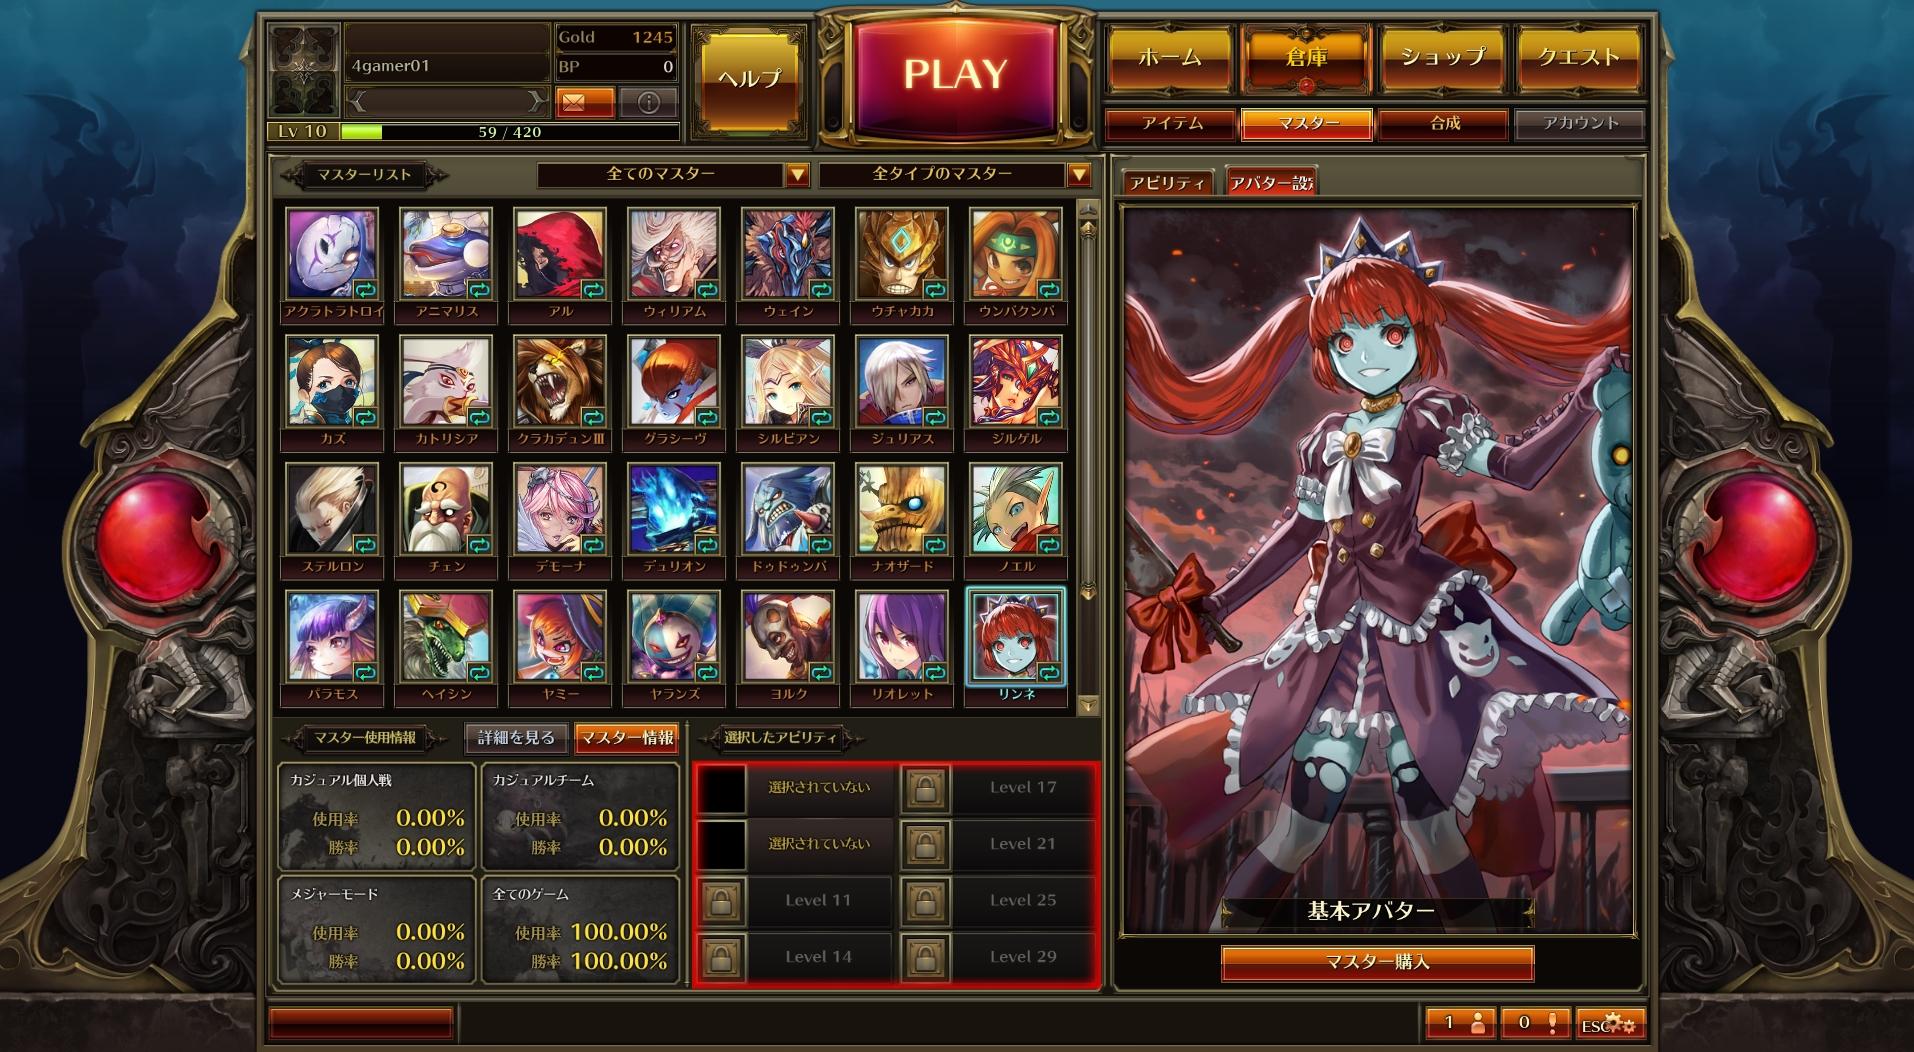 おすすめオンラインゲーム『コアマスターズ』